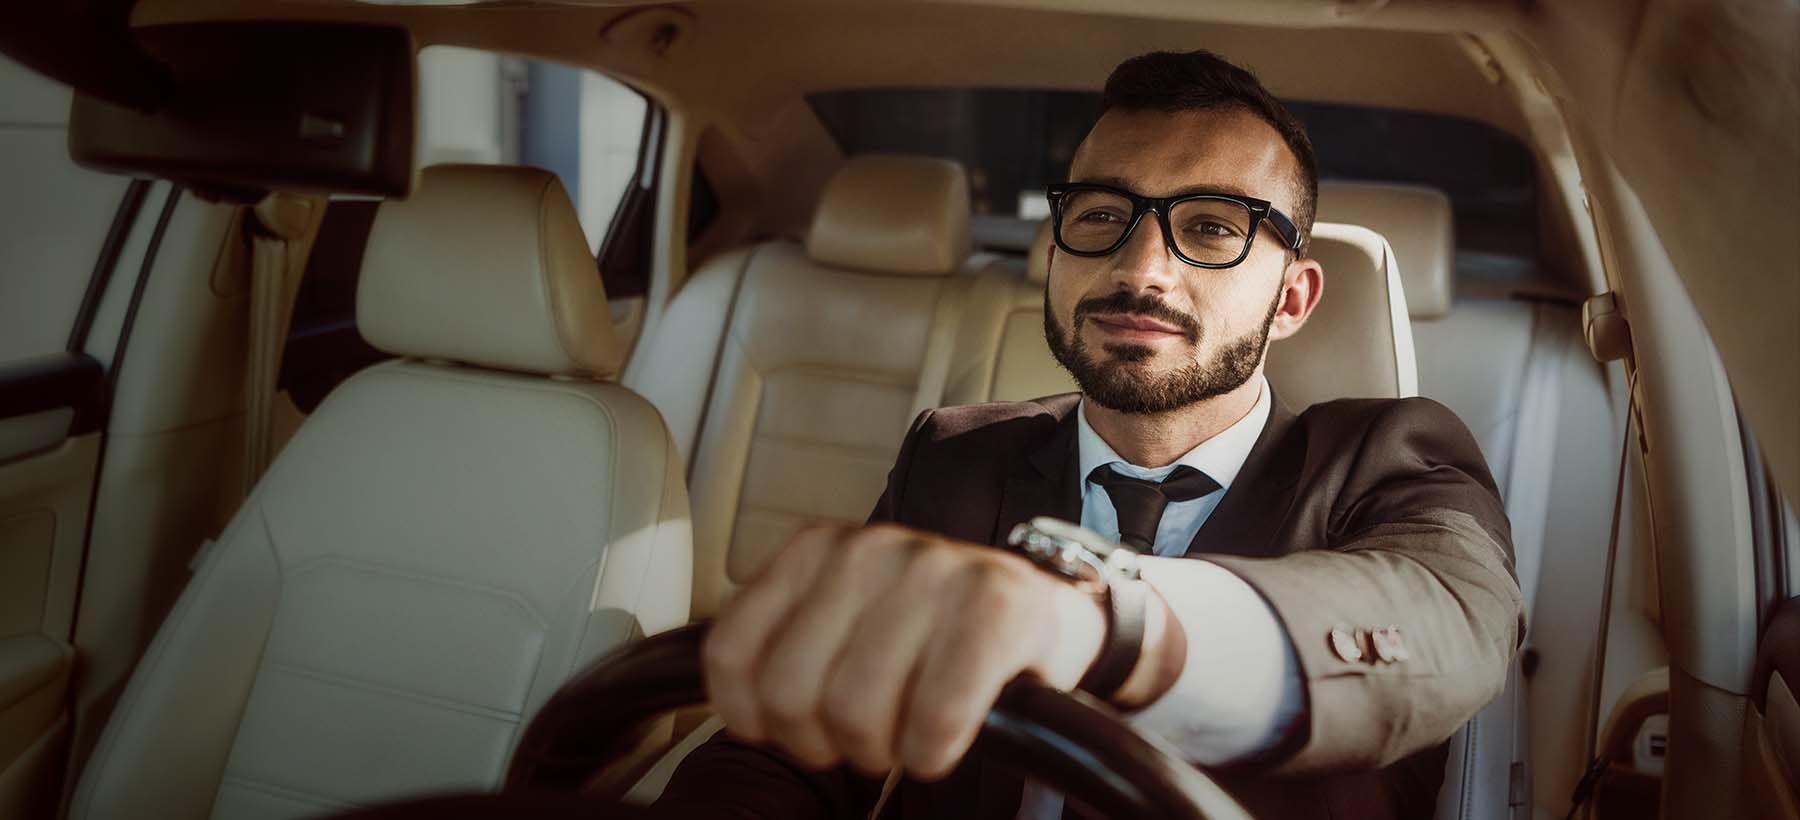 Mit dem smava Autokredit zum Traumauto